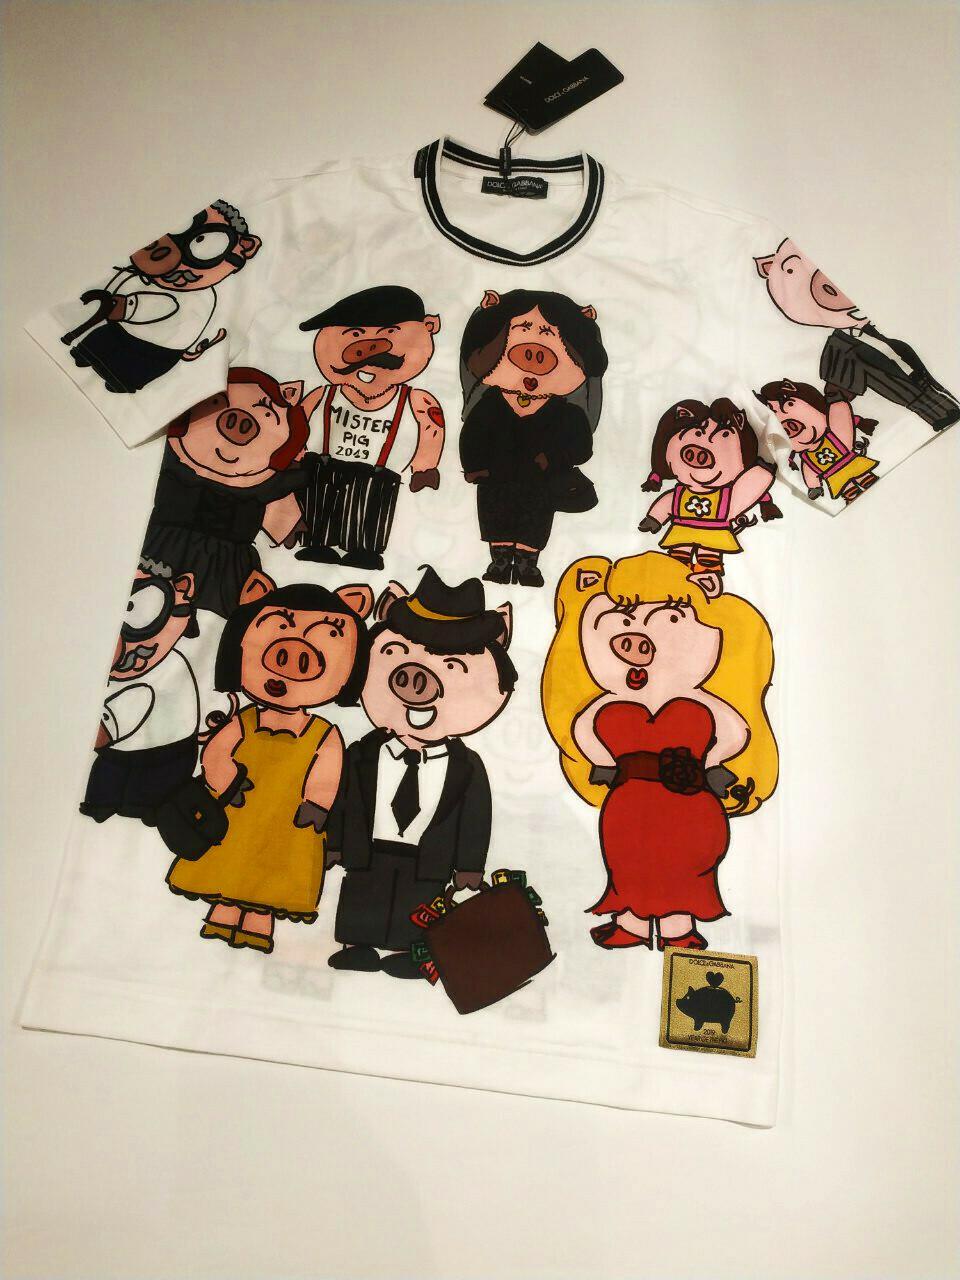 Dolce and Gabbana T-shirt Piggy